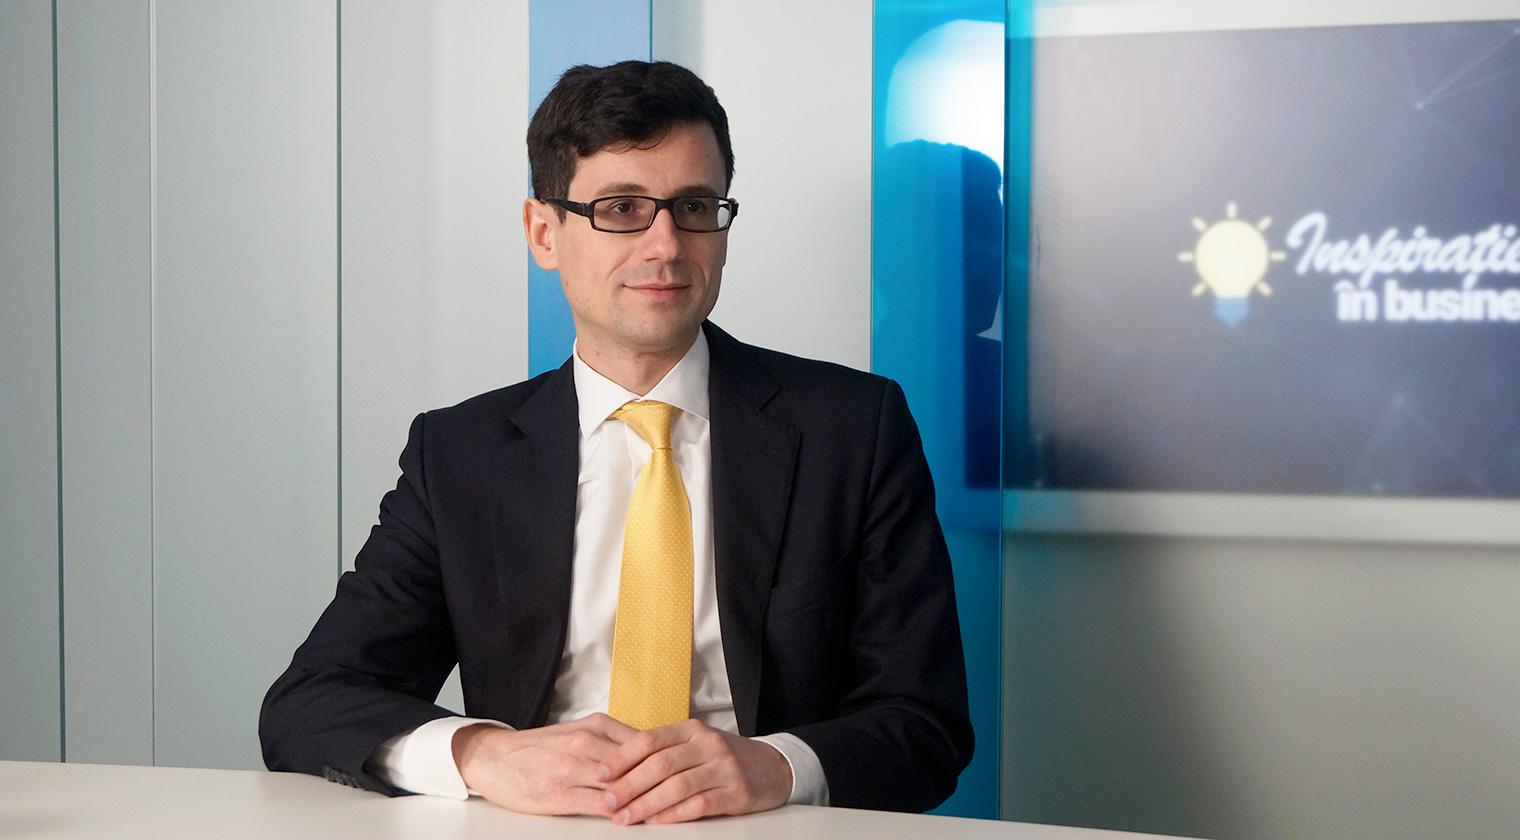 Piete-de-capital - XTB Romania: Cursul ar putea ajunge la 4,8 lei/euro, la finalul anului. Nu este cea mai pesimista estimare